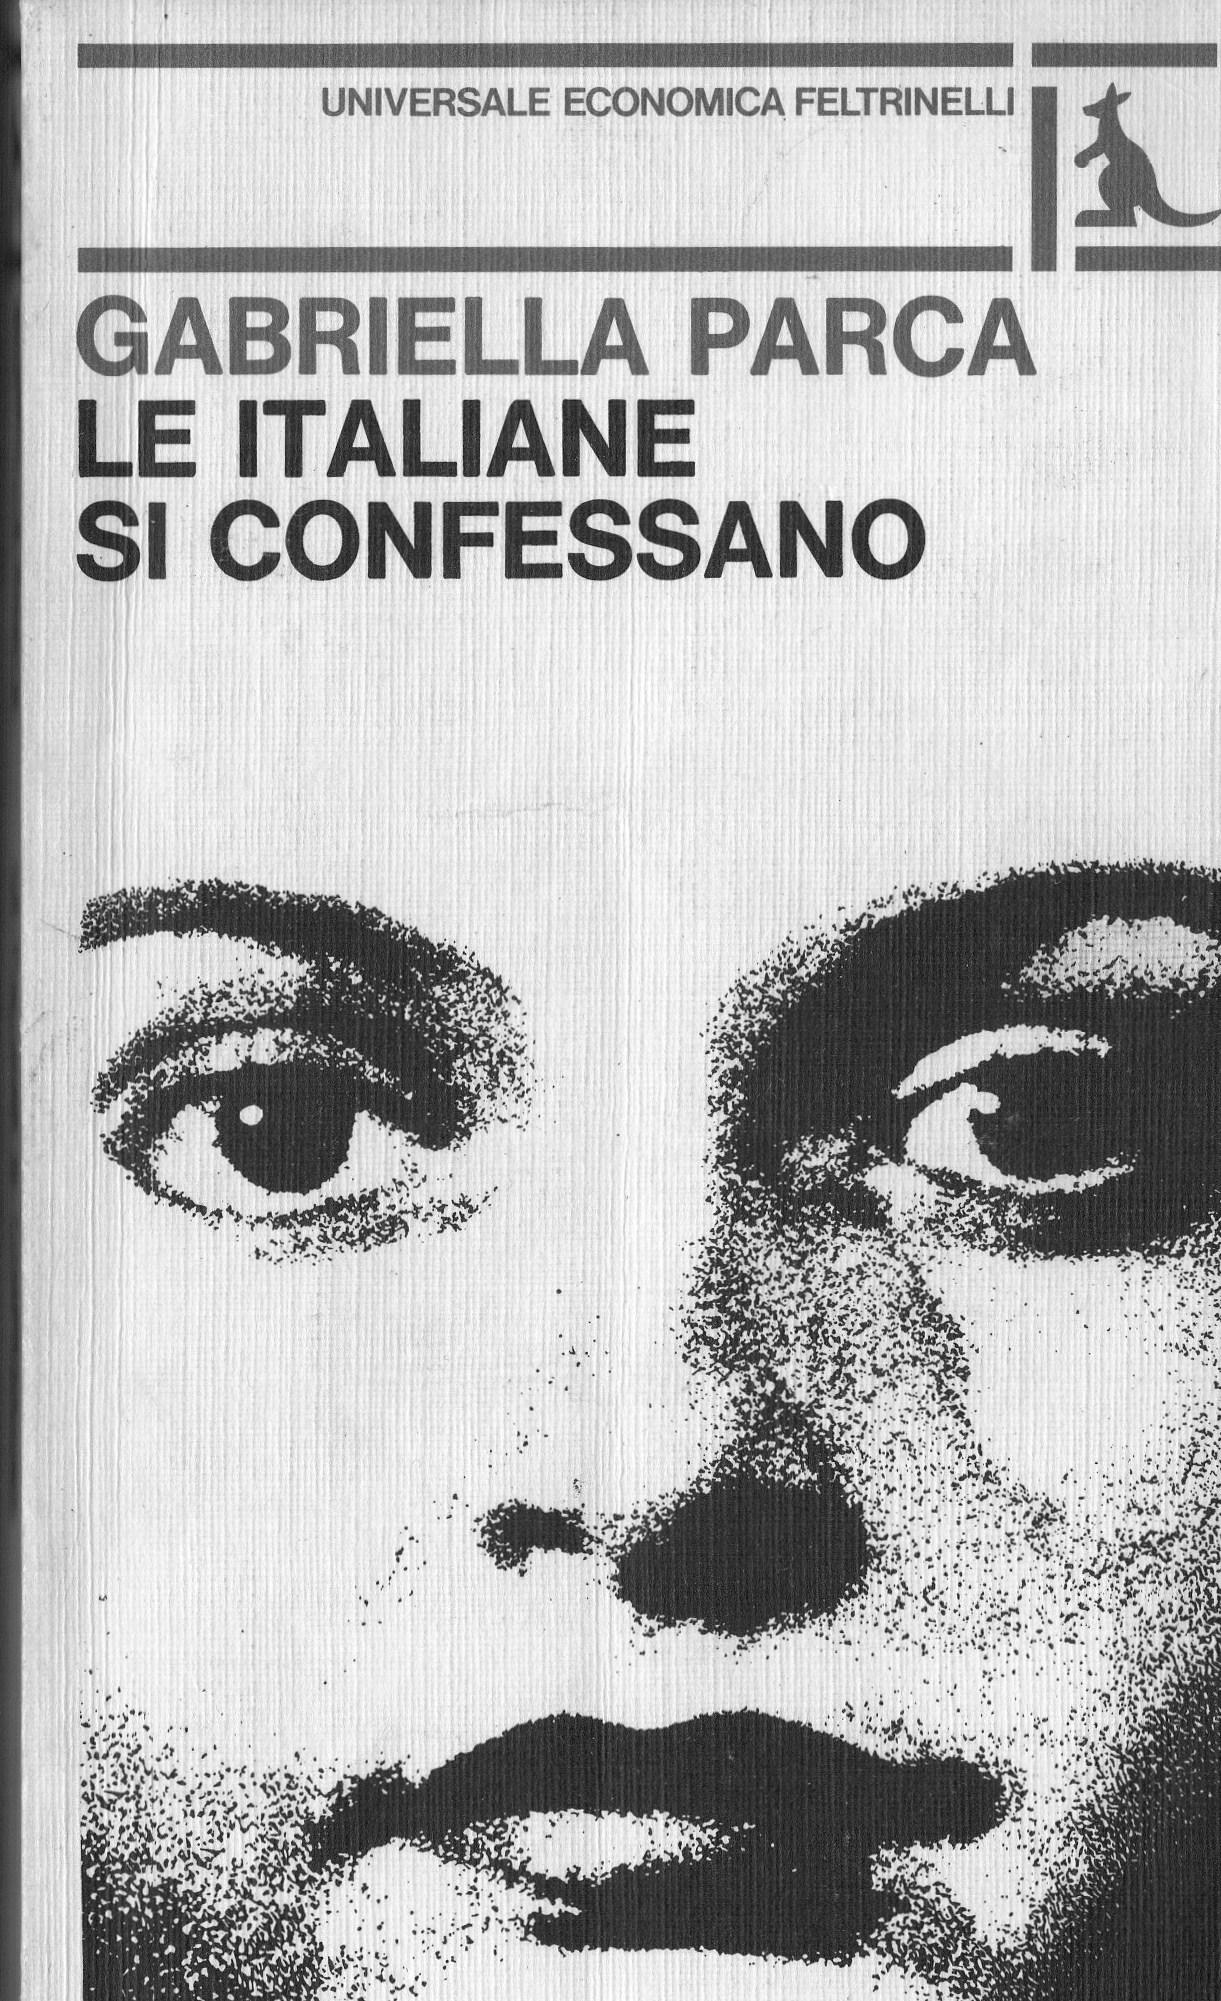 Le italiane si confessano